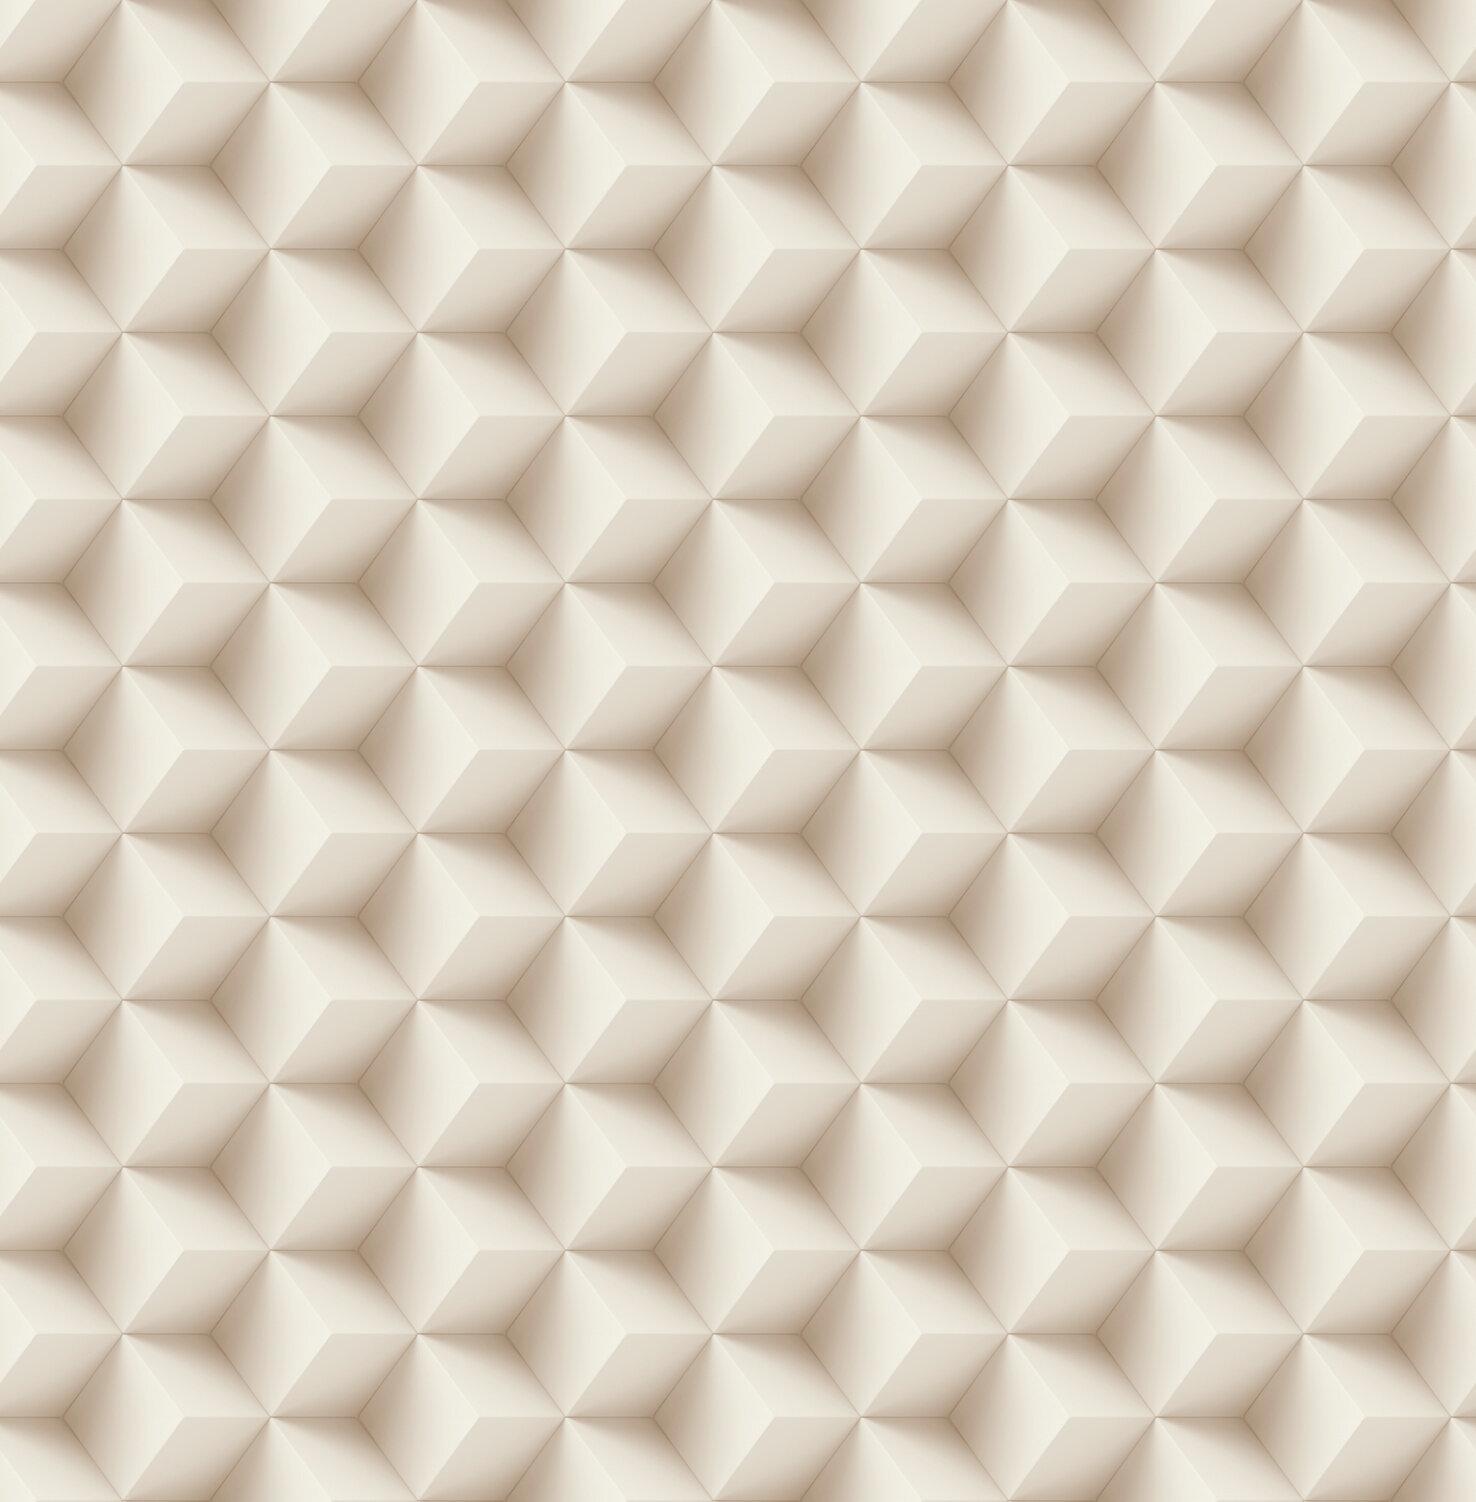 ivy bronx holstentor 3d cubes 33 l x 20 5 w metallic wallpaper roll wayfair holstentor 3d cubes 33 l x 20 5 w metallic wallpaper roll